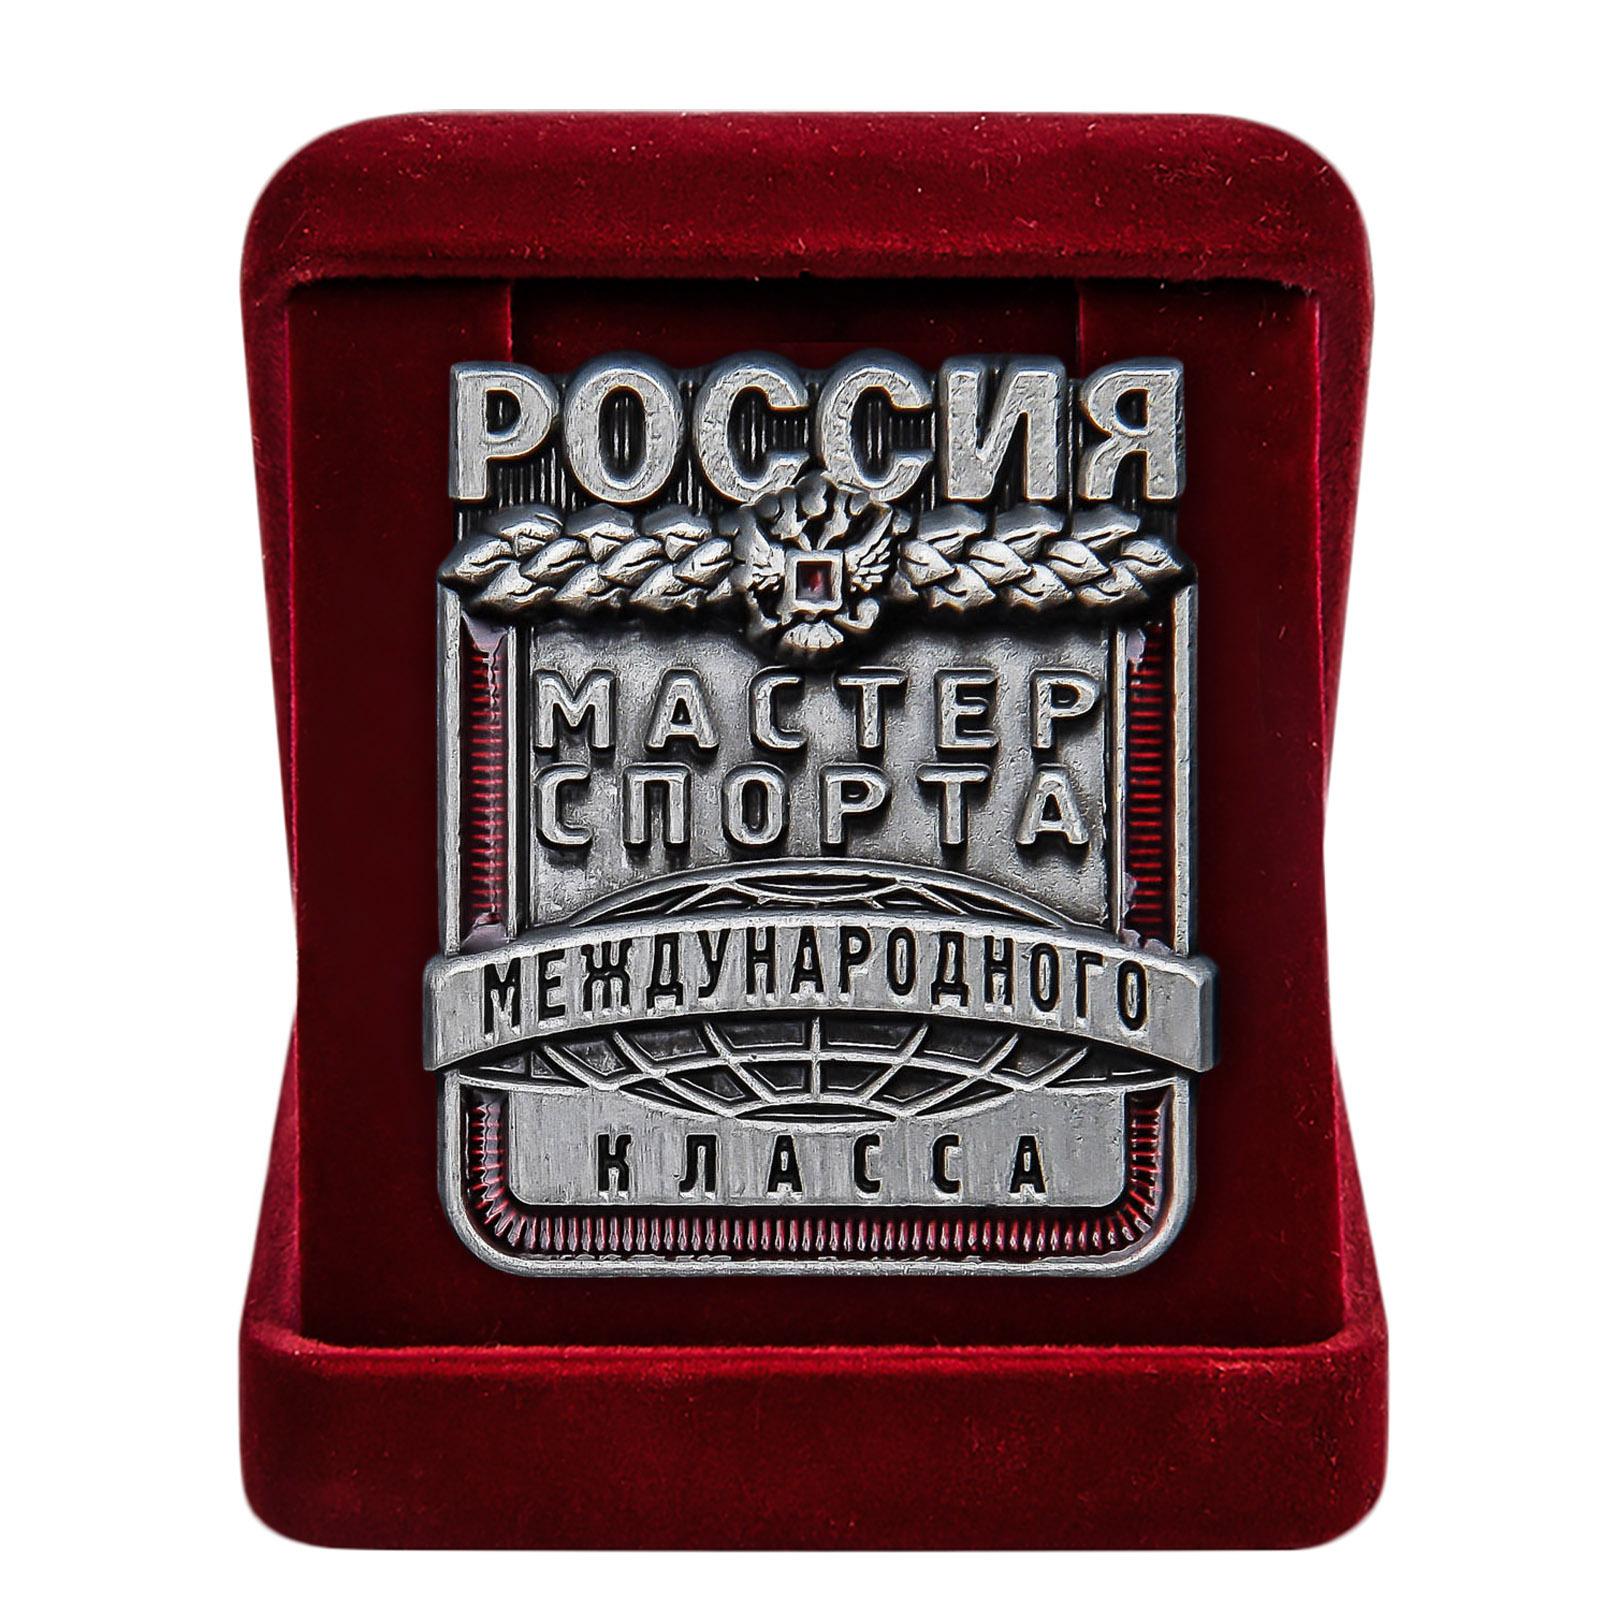 Купить знак Мастер спорта России Международного класса по лучшей цене